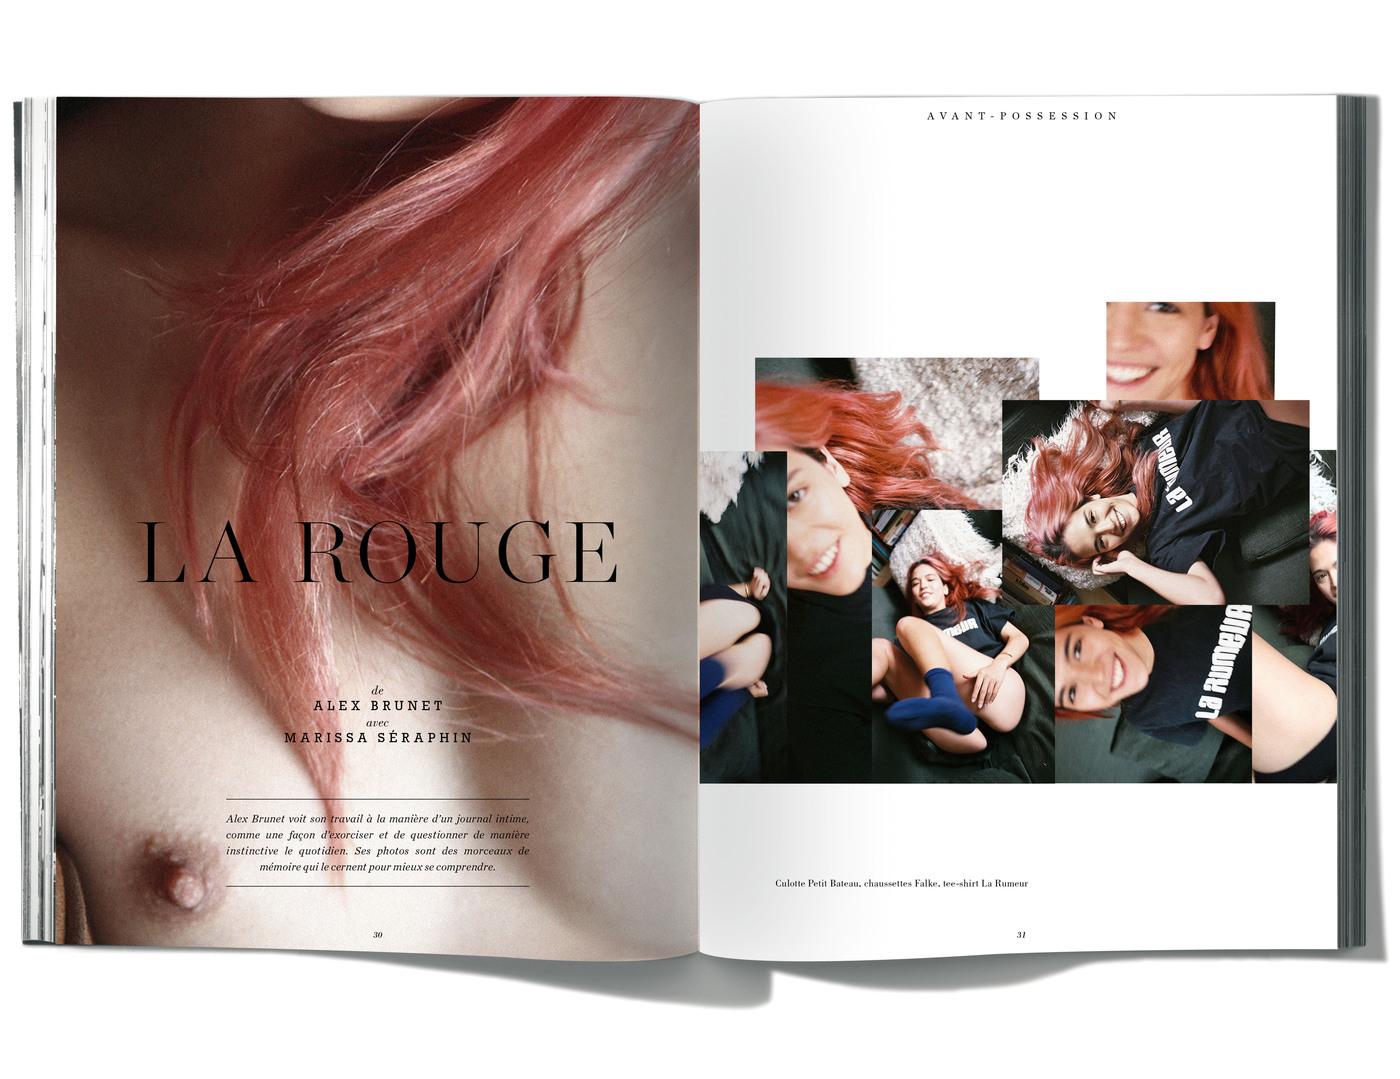 Photographies de Alex Brunet, avec Marisssa Séraphin,La Rouge